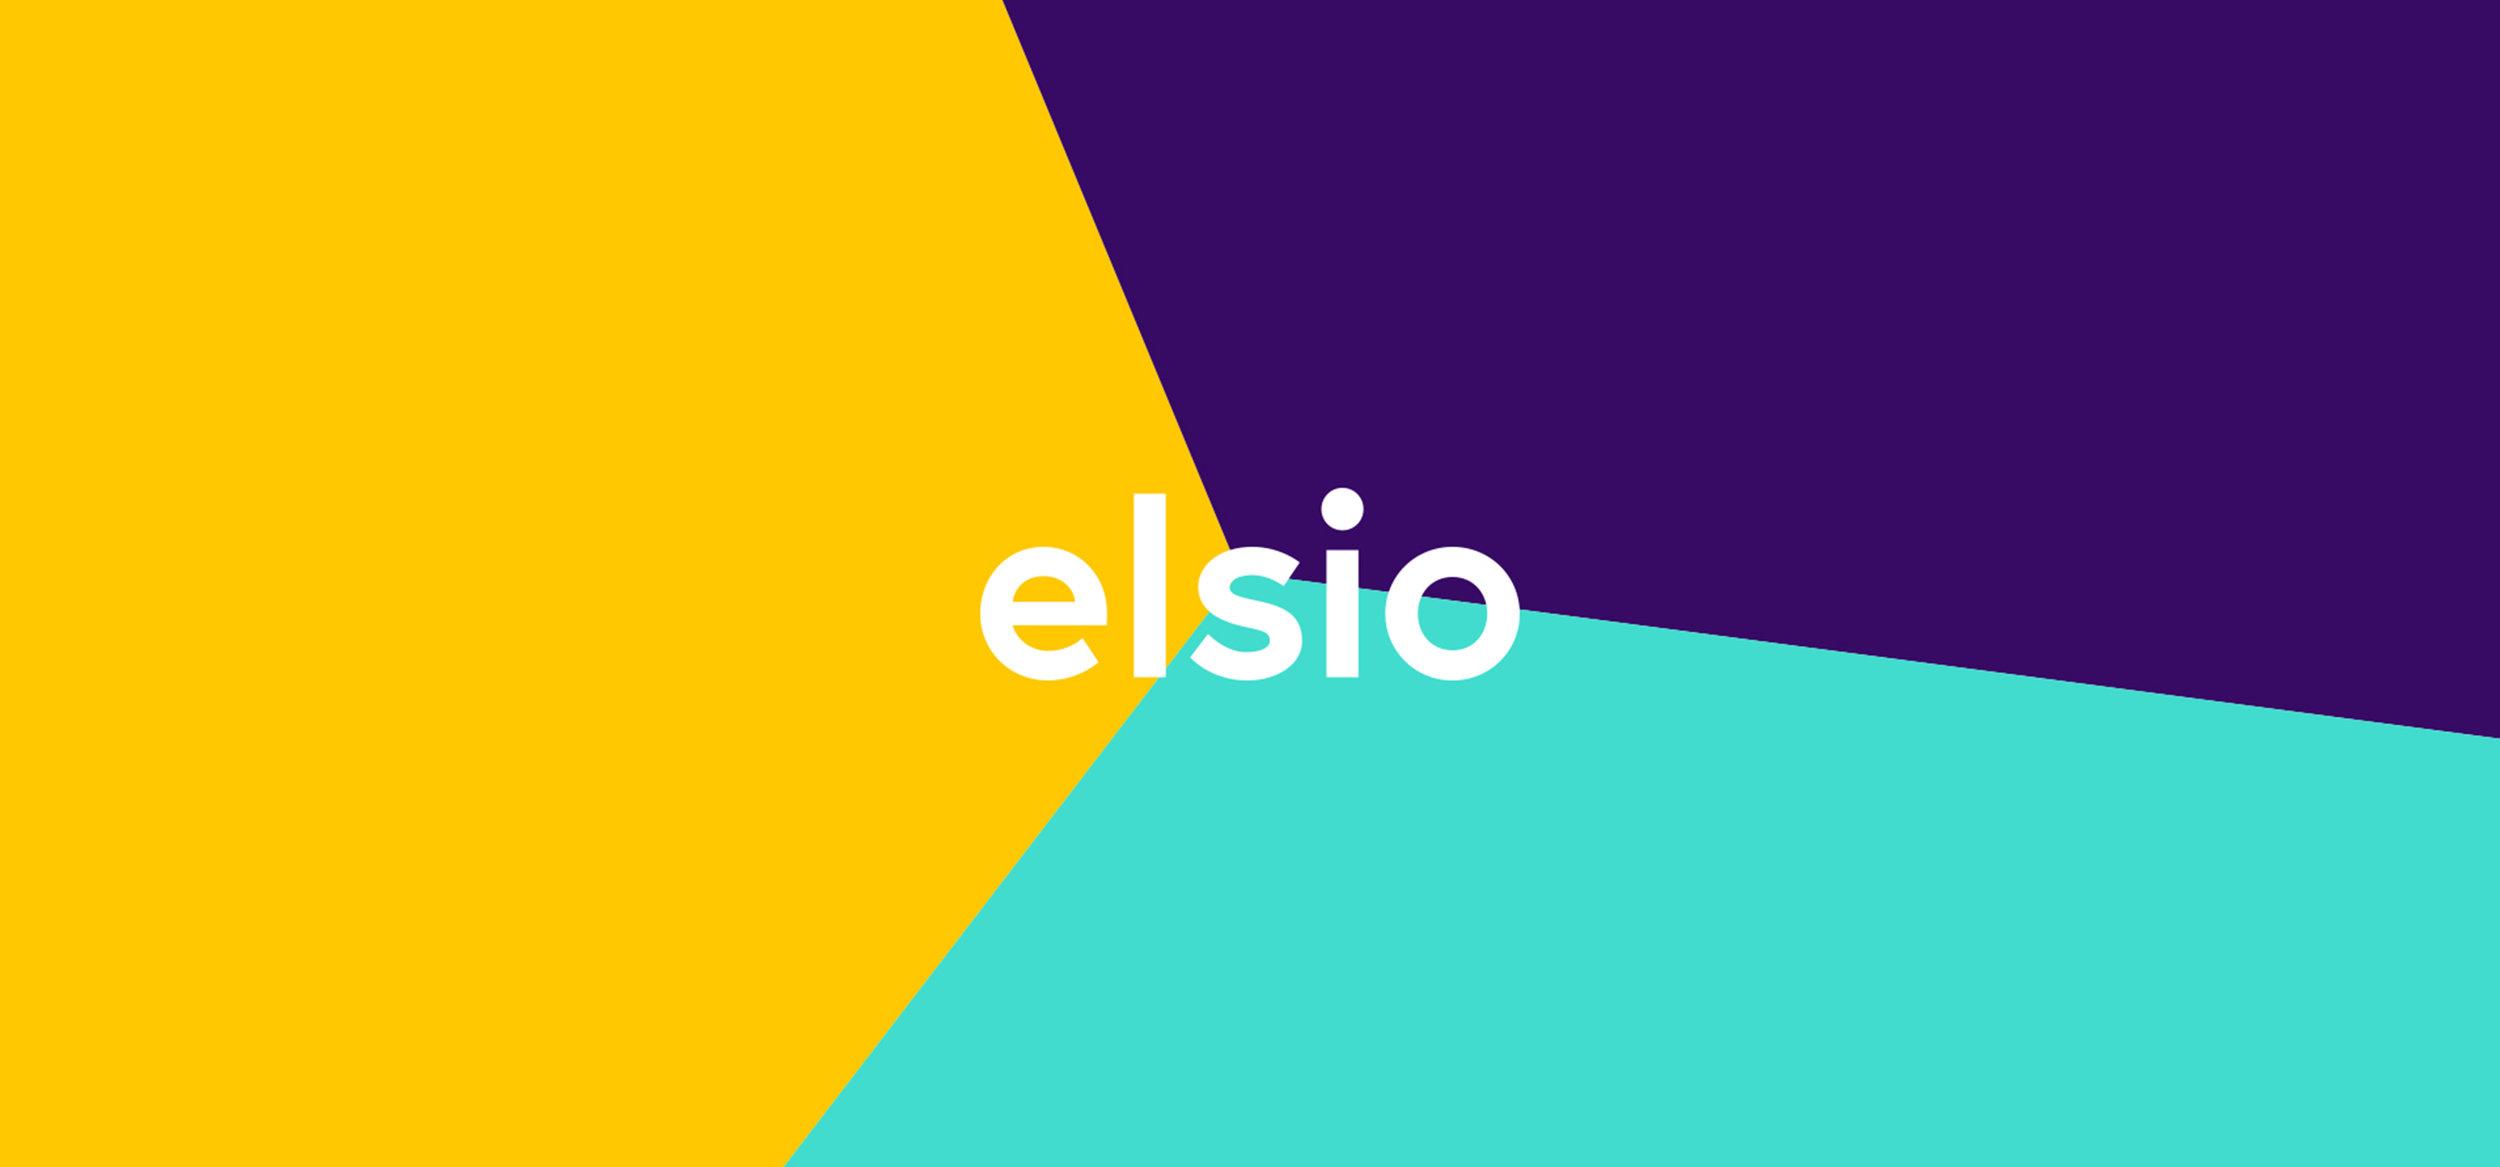 elsio-hero-2019.jpg